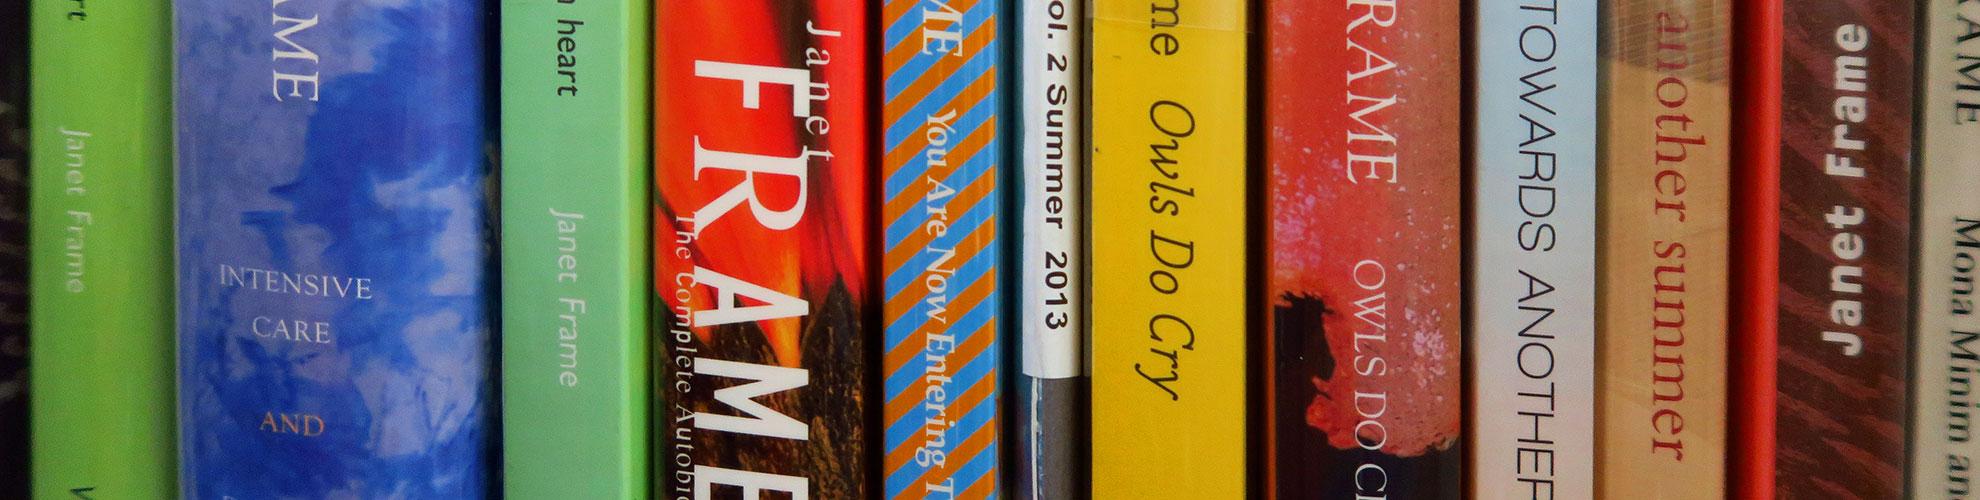 Janet Frame books